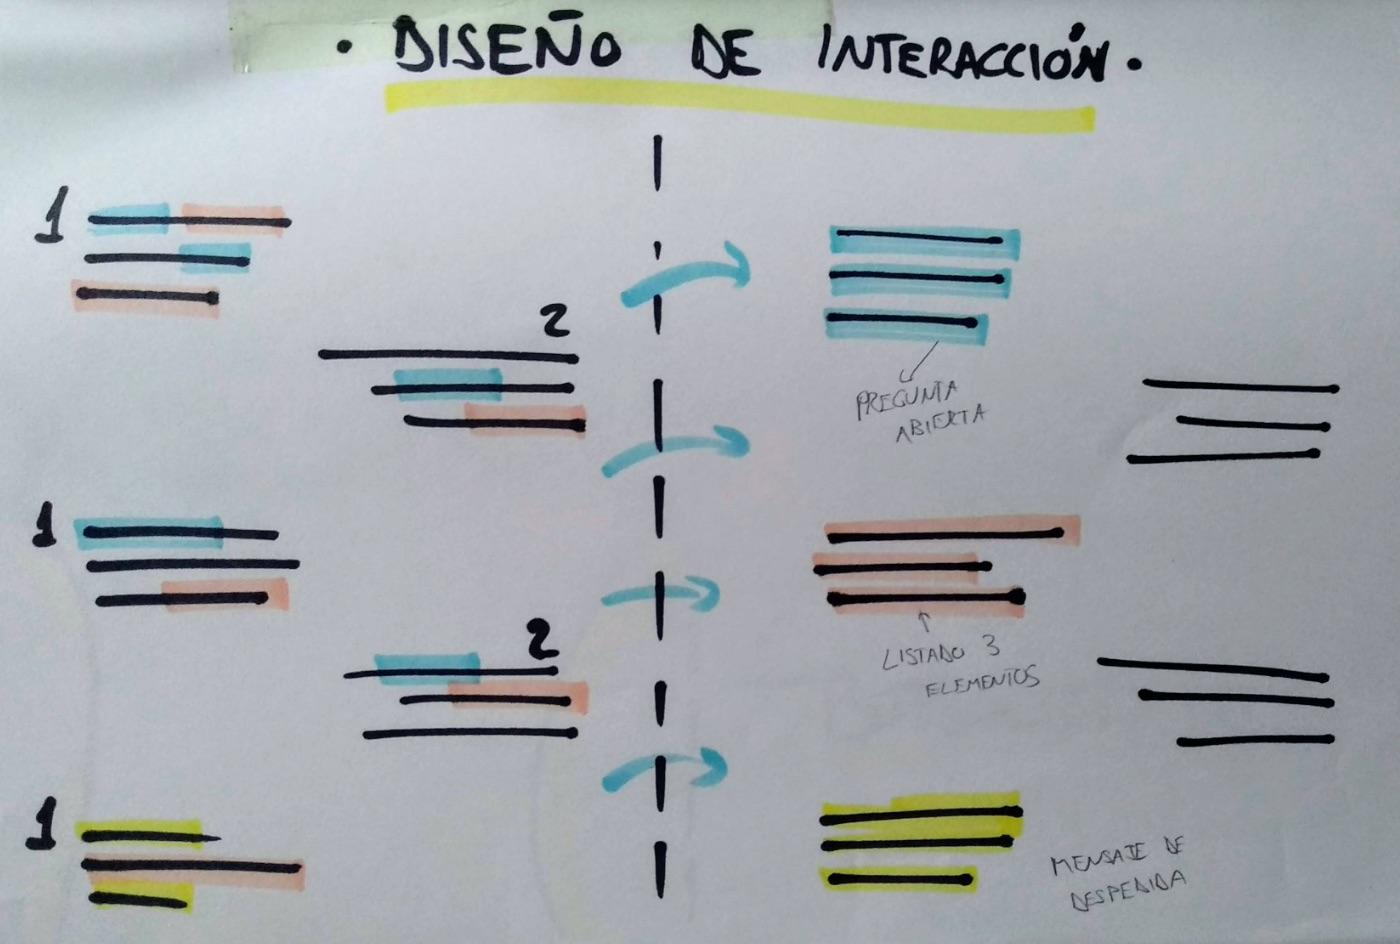 dibujo sobre diseño de interacción